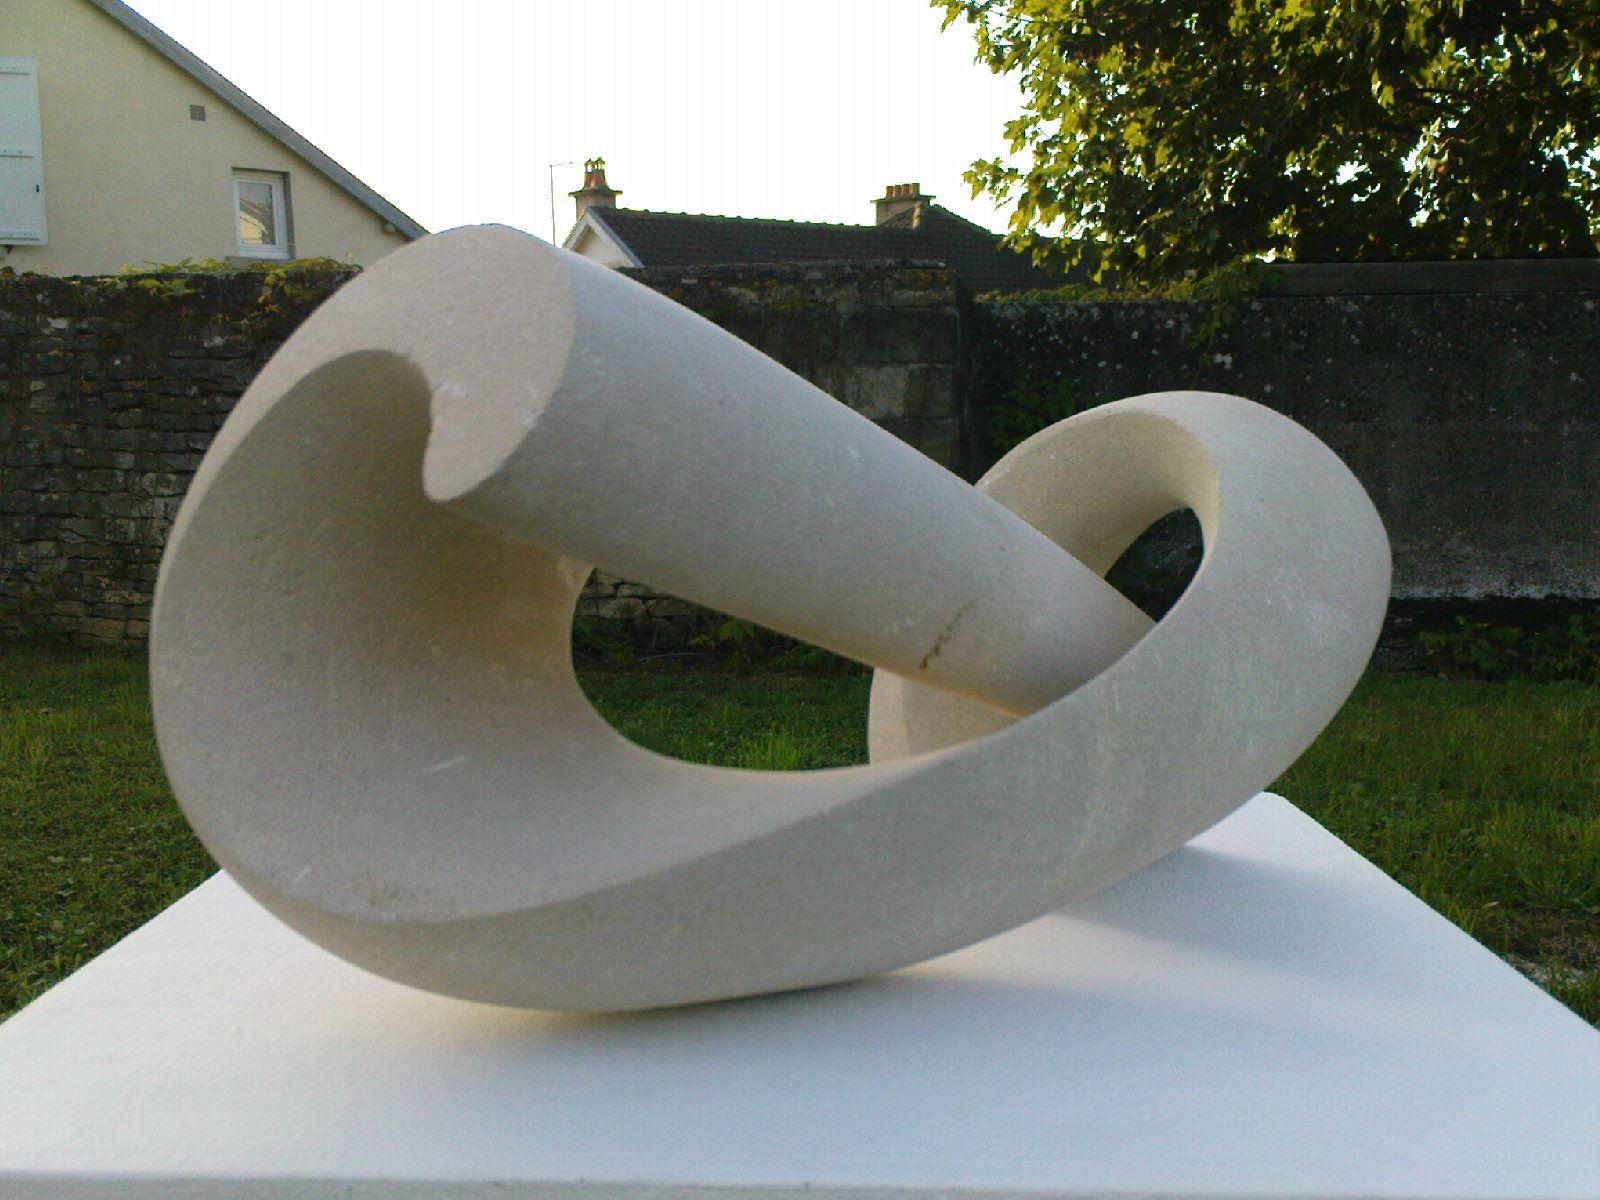 Hélix pierre calcaire vincent queuvin beeldende kunst steen